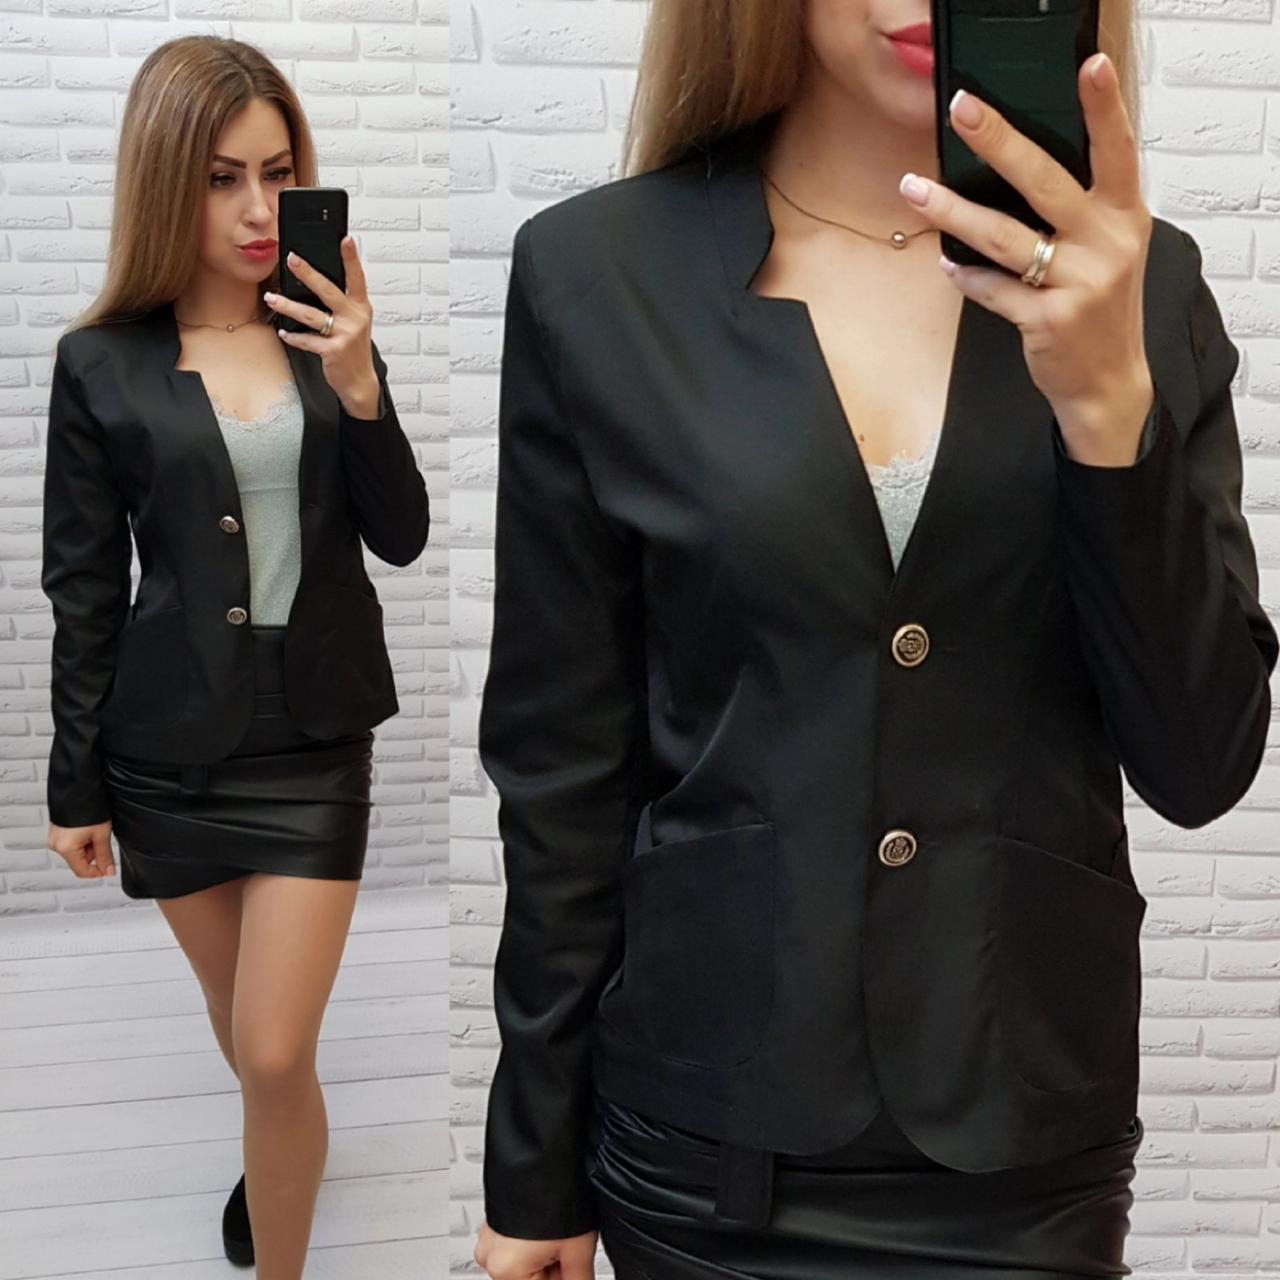 Піджак / жакет жіночий довгий рукав на підкладці жіночий арт. S1097 чорний / чорного кольору